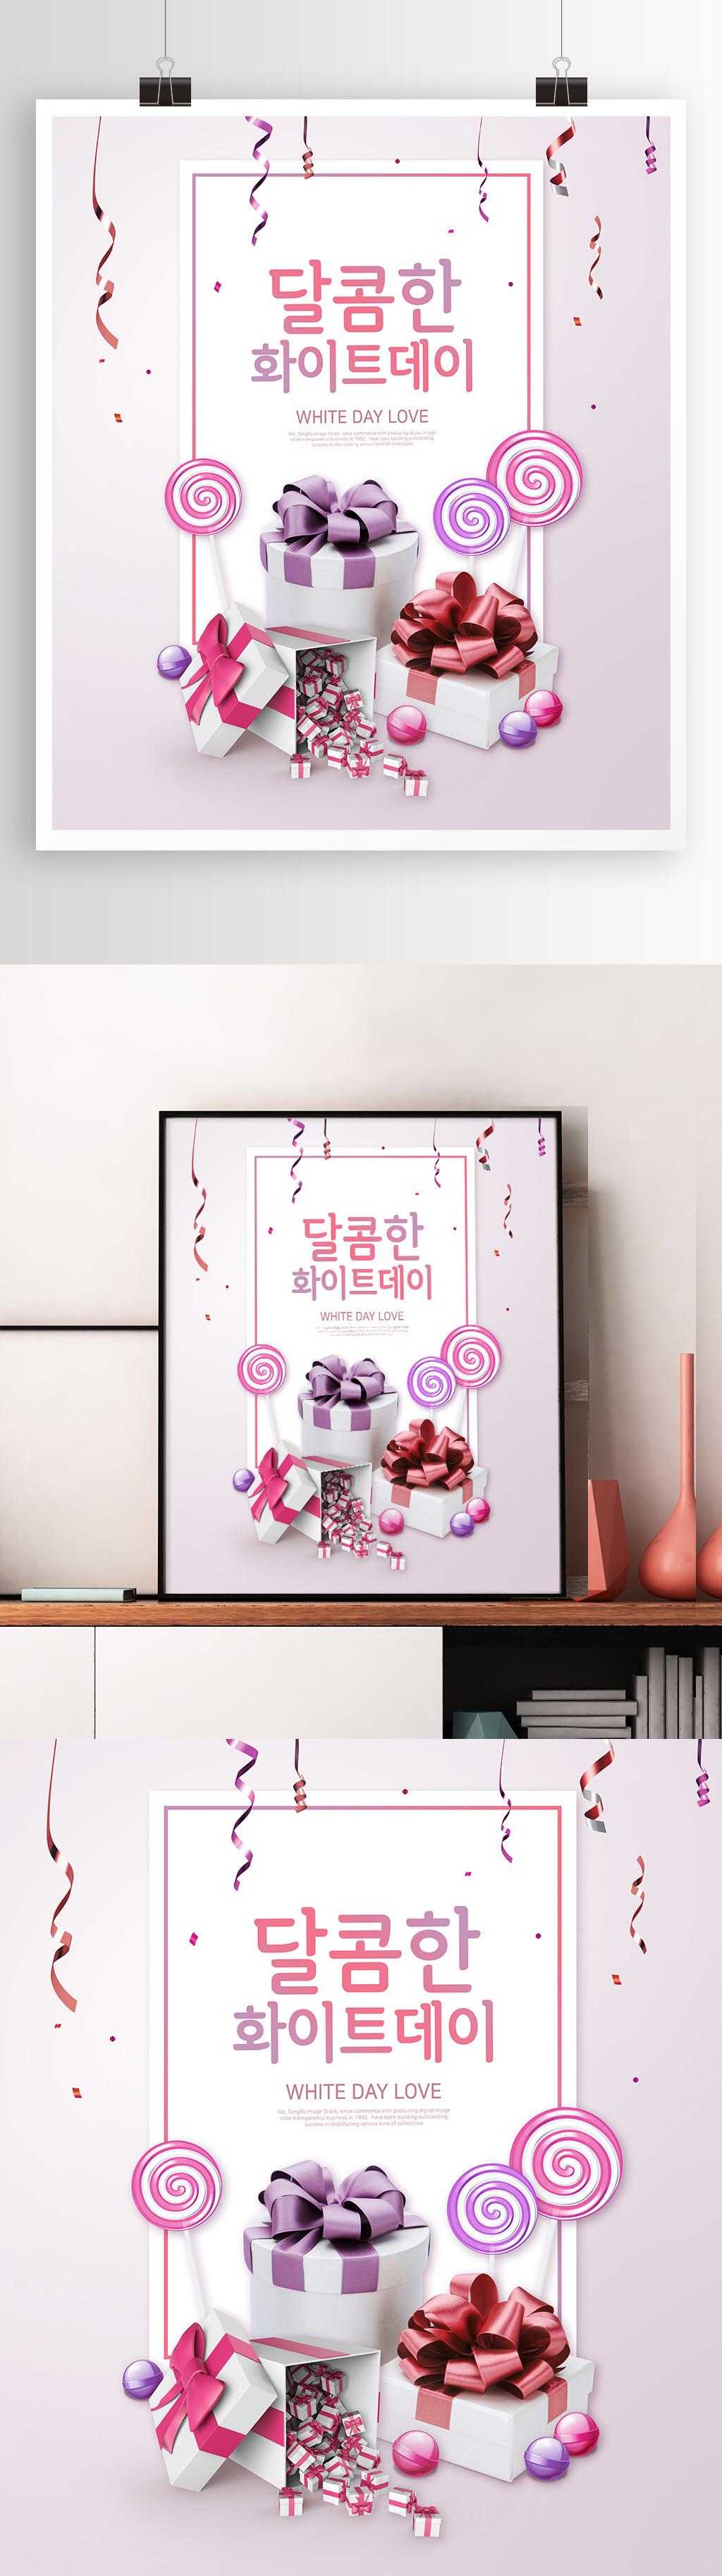 粉色时尚扁平化情人节海报Valentine's Day02